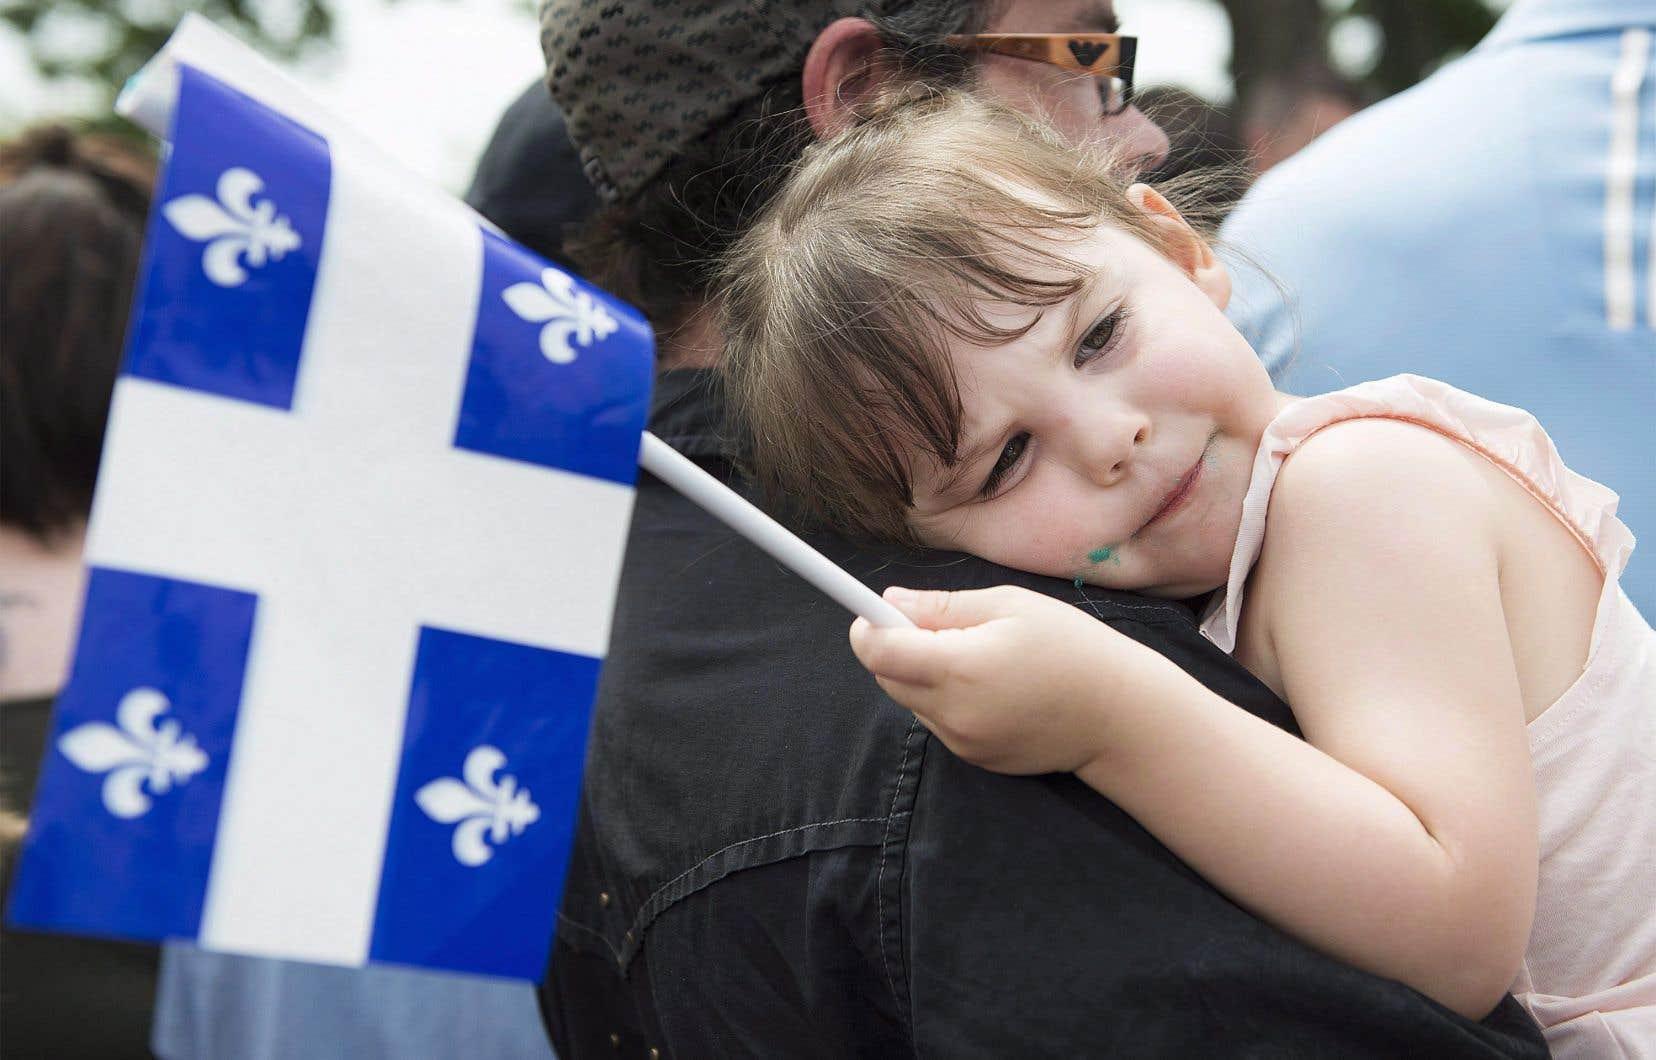 L'animosité entre le Québec et le reste du Canada va bien au-delà de la sphère politique, confirme un nouveau sondage Angus Reid.